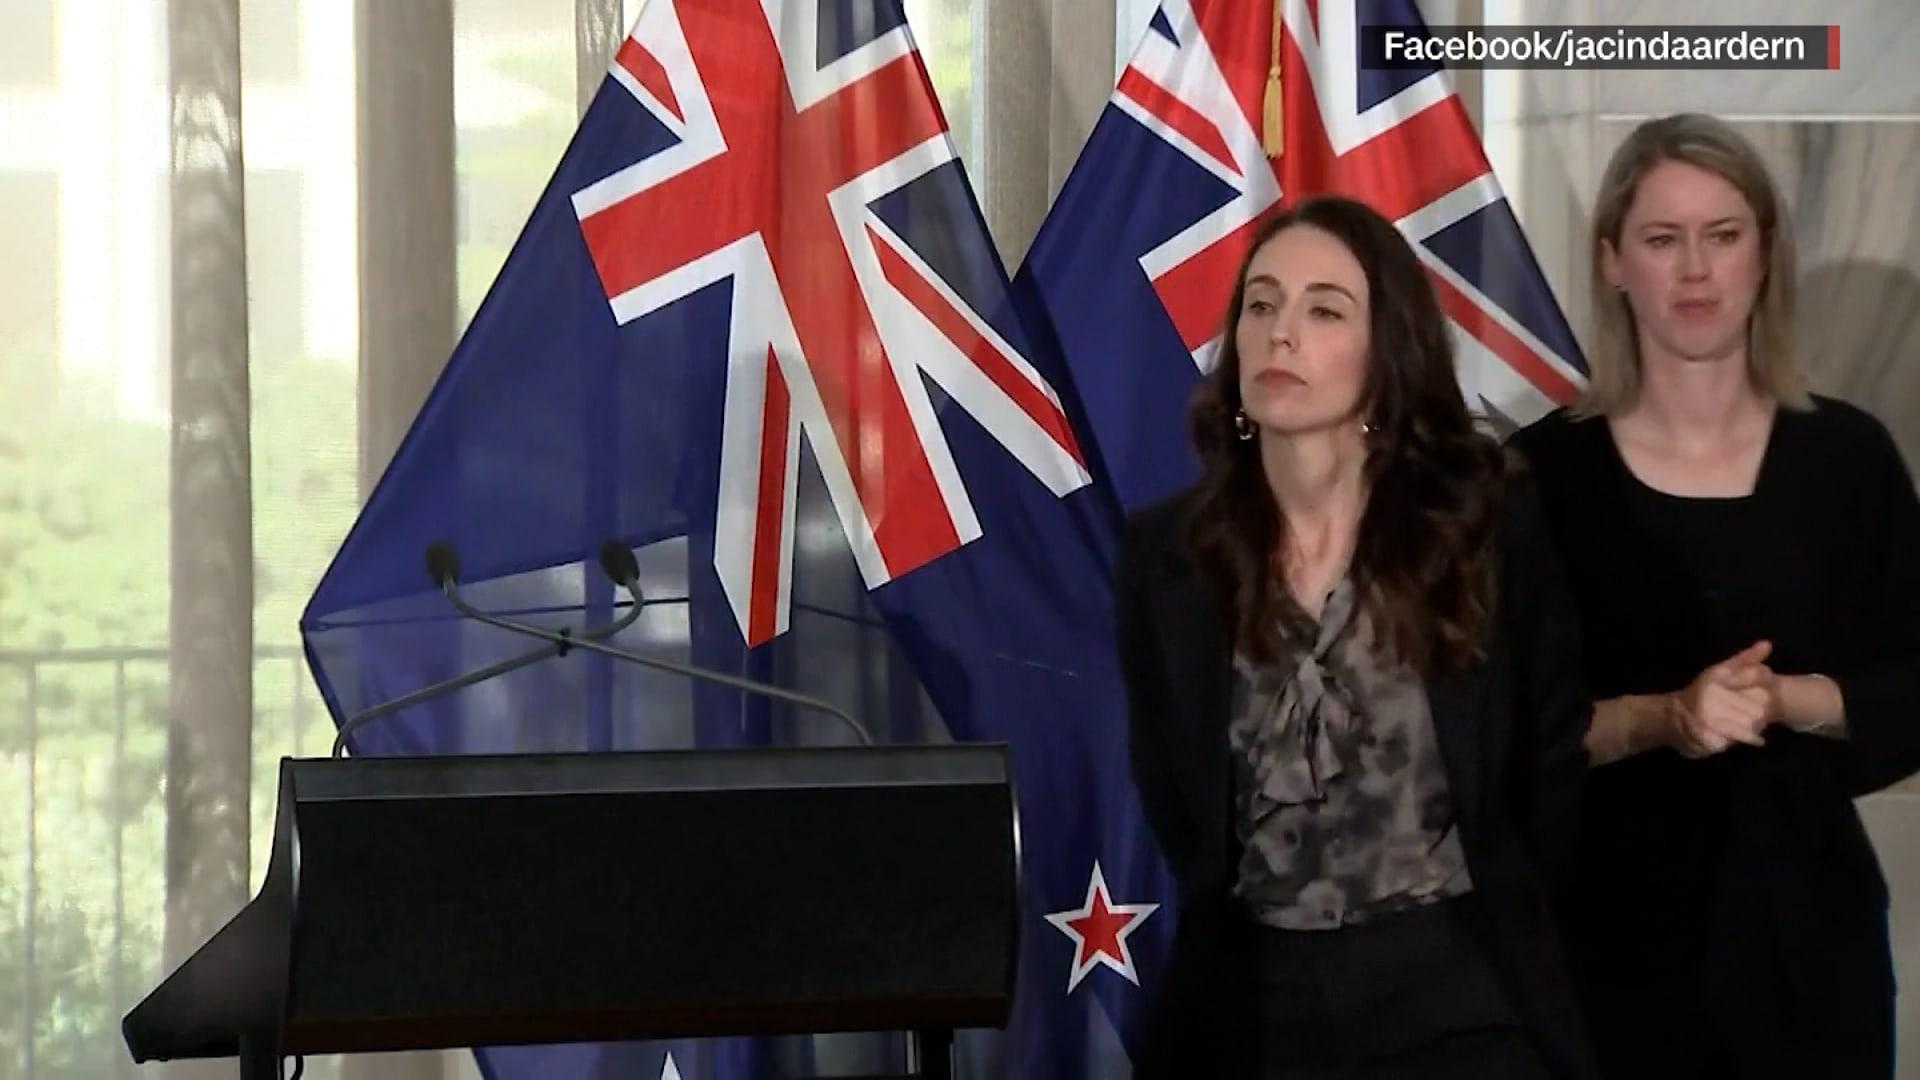 عمدًا أم بالخطأ؟ رئيسة وزراء نيوزلندا تدفع مترجمة خارج الصورة وسط ذهول السيدة